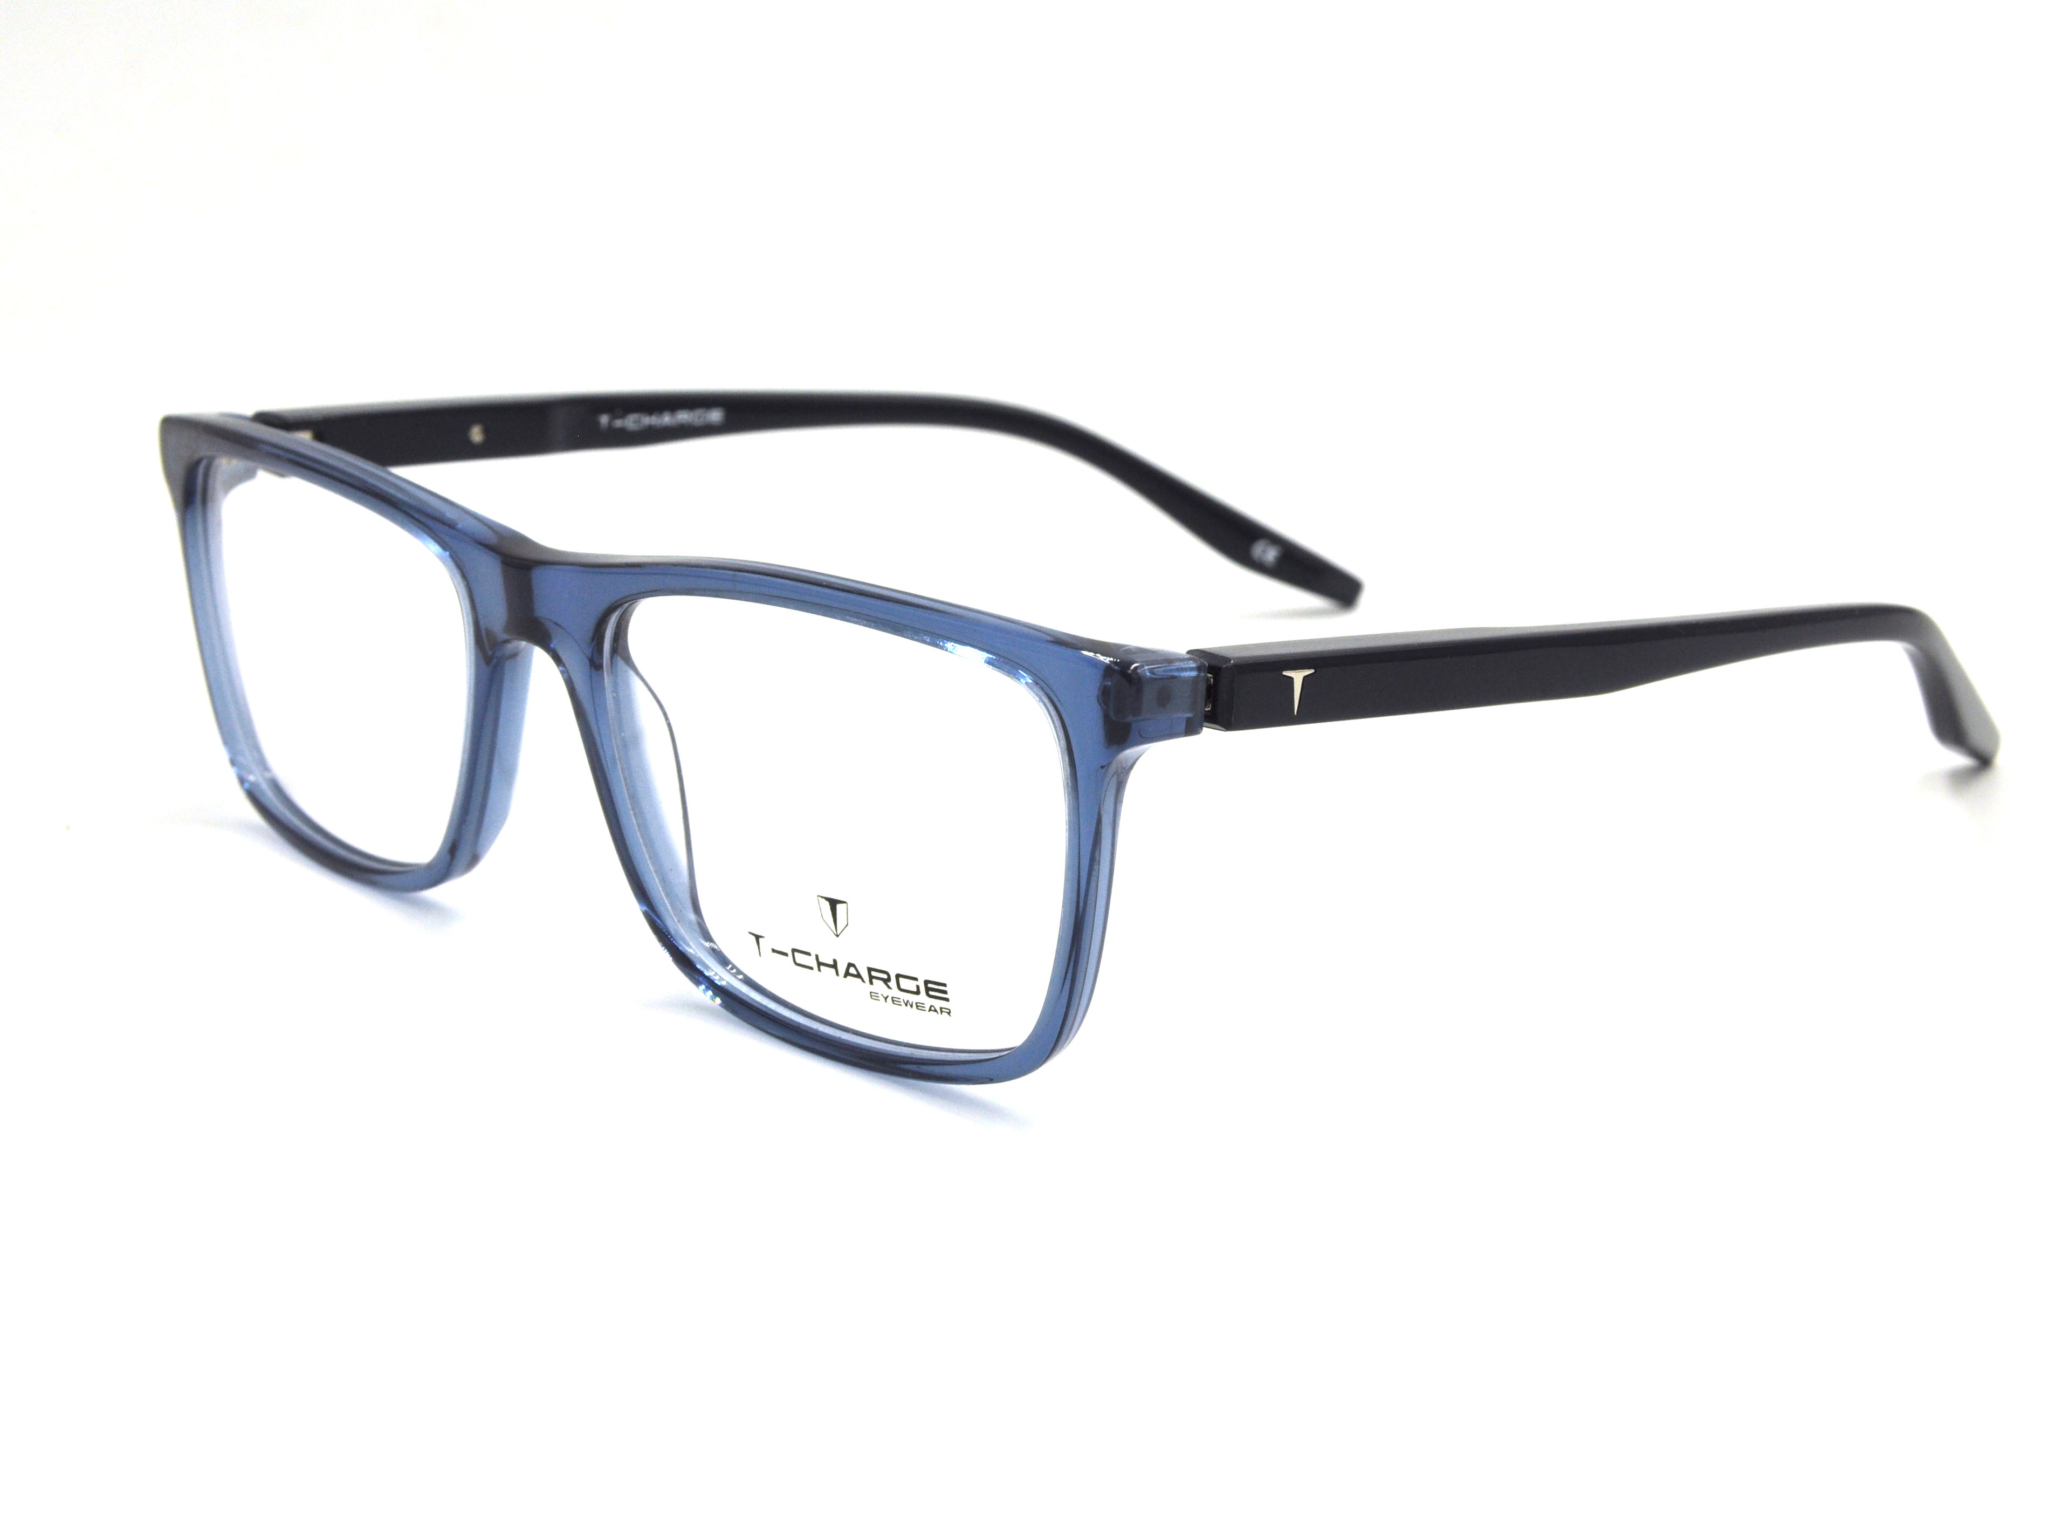 T CHARGE T6098 T01 Prescription Glasses 2020